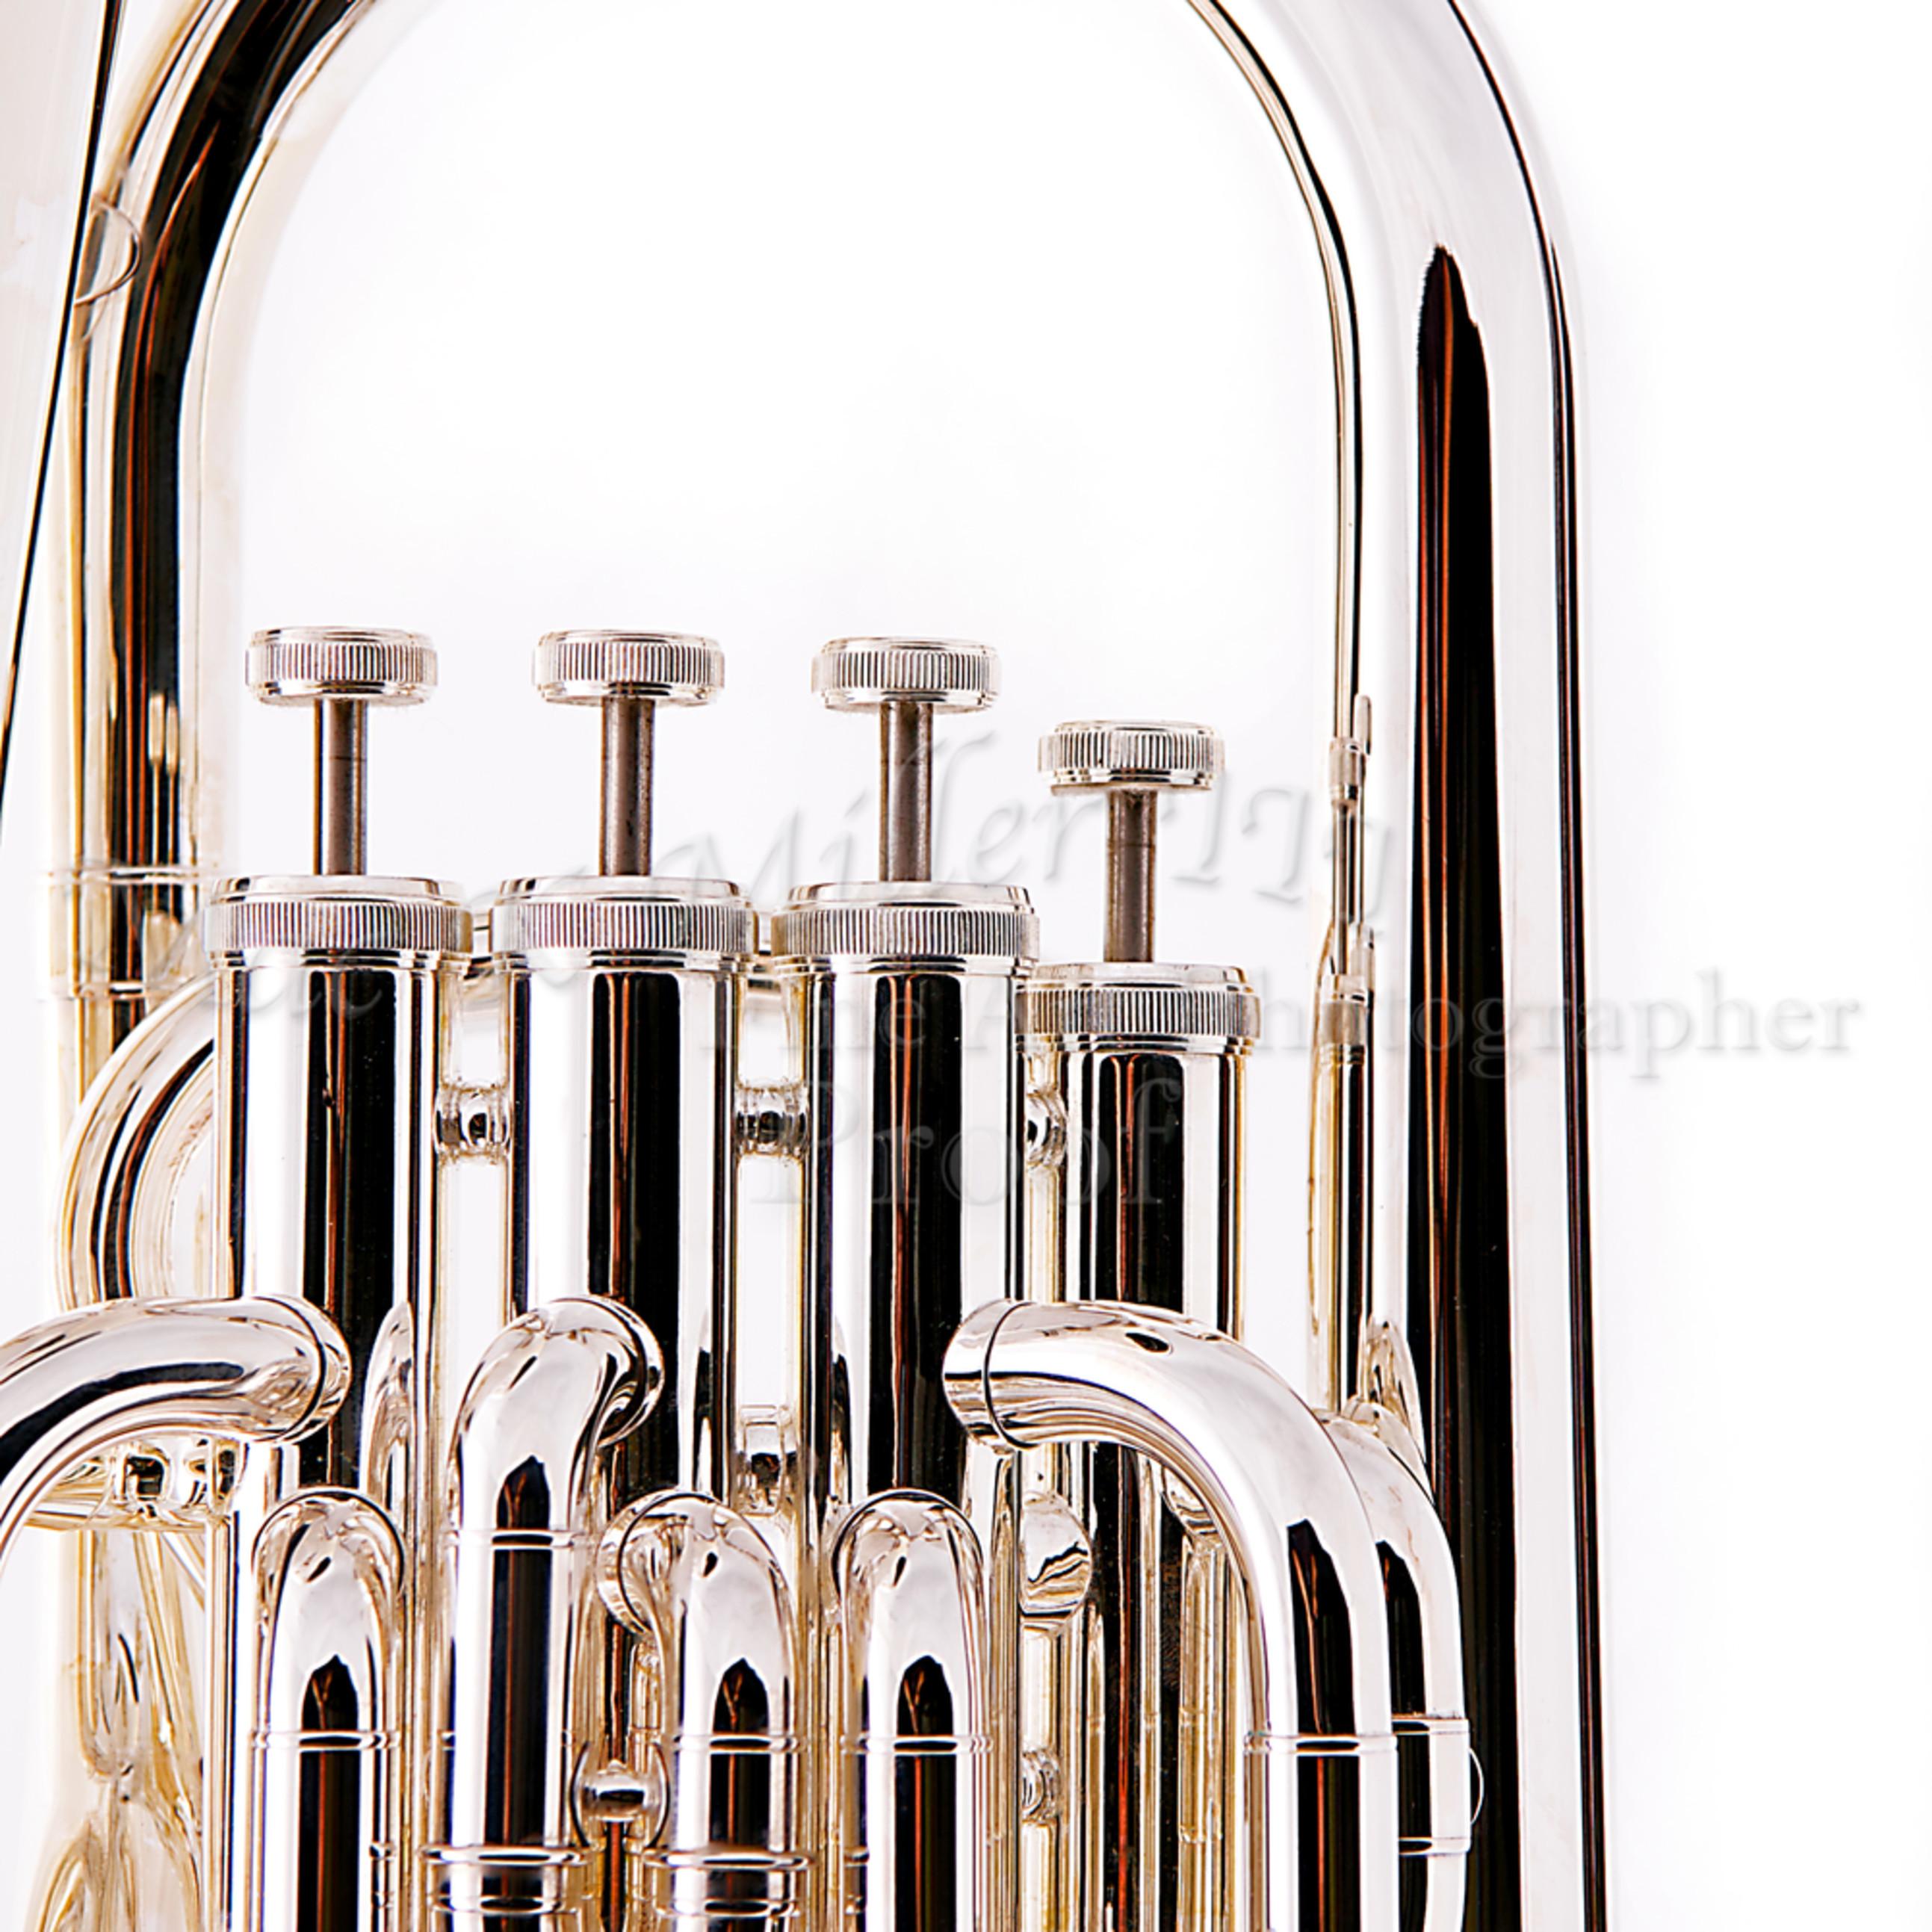 Silver tuba euphonium on white wall art bk8 dvnom9